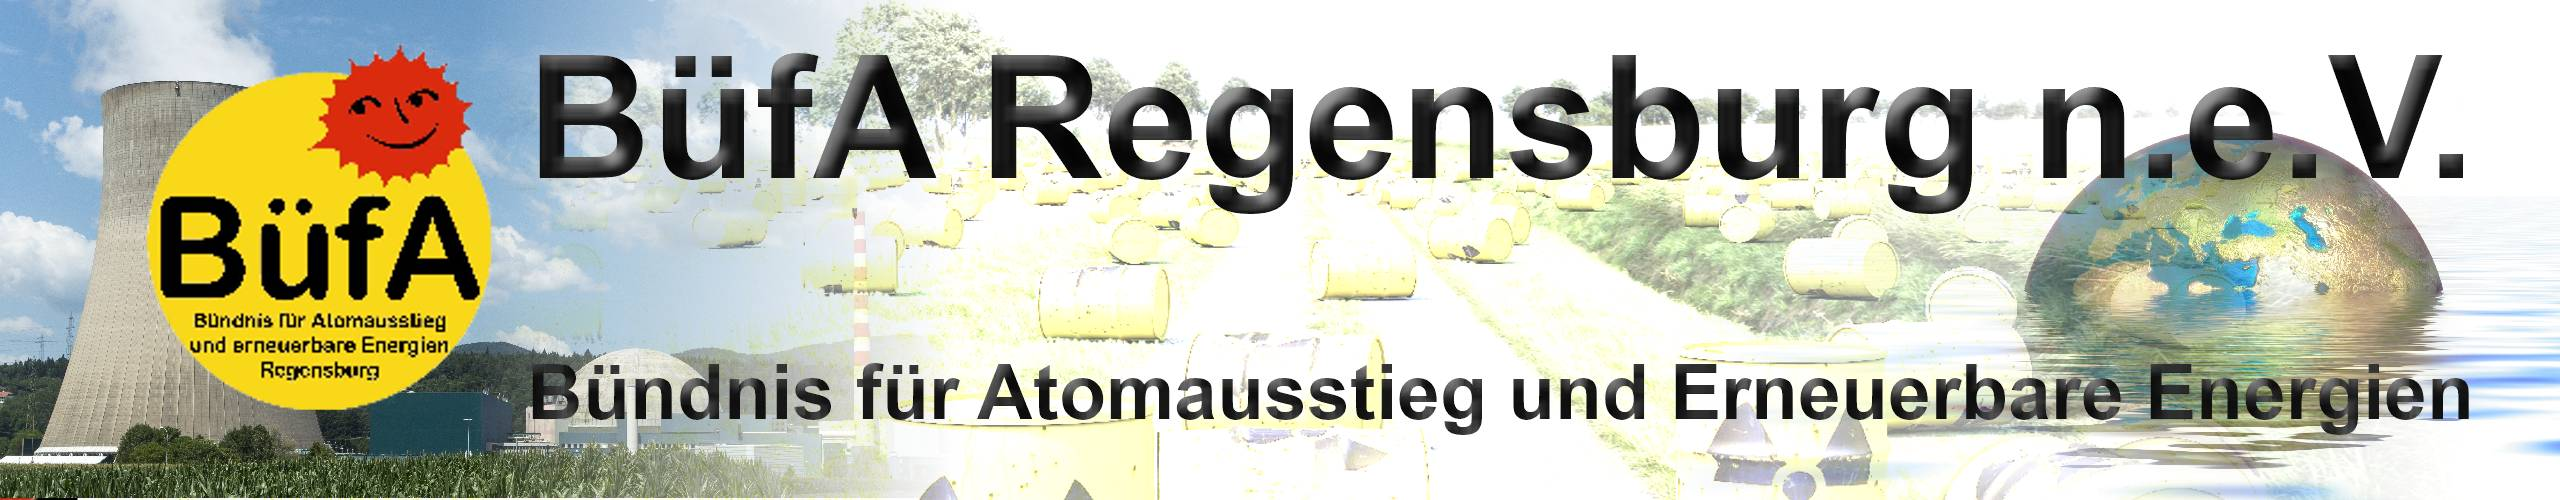 BüfA Regensburg n.e.V. – Bündnis für Atomausstieg und erneuerbare Energien